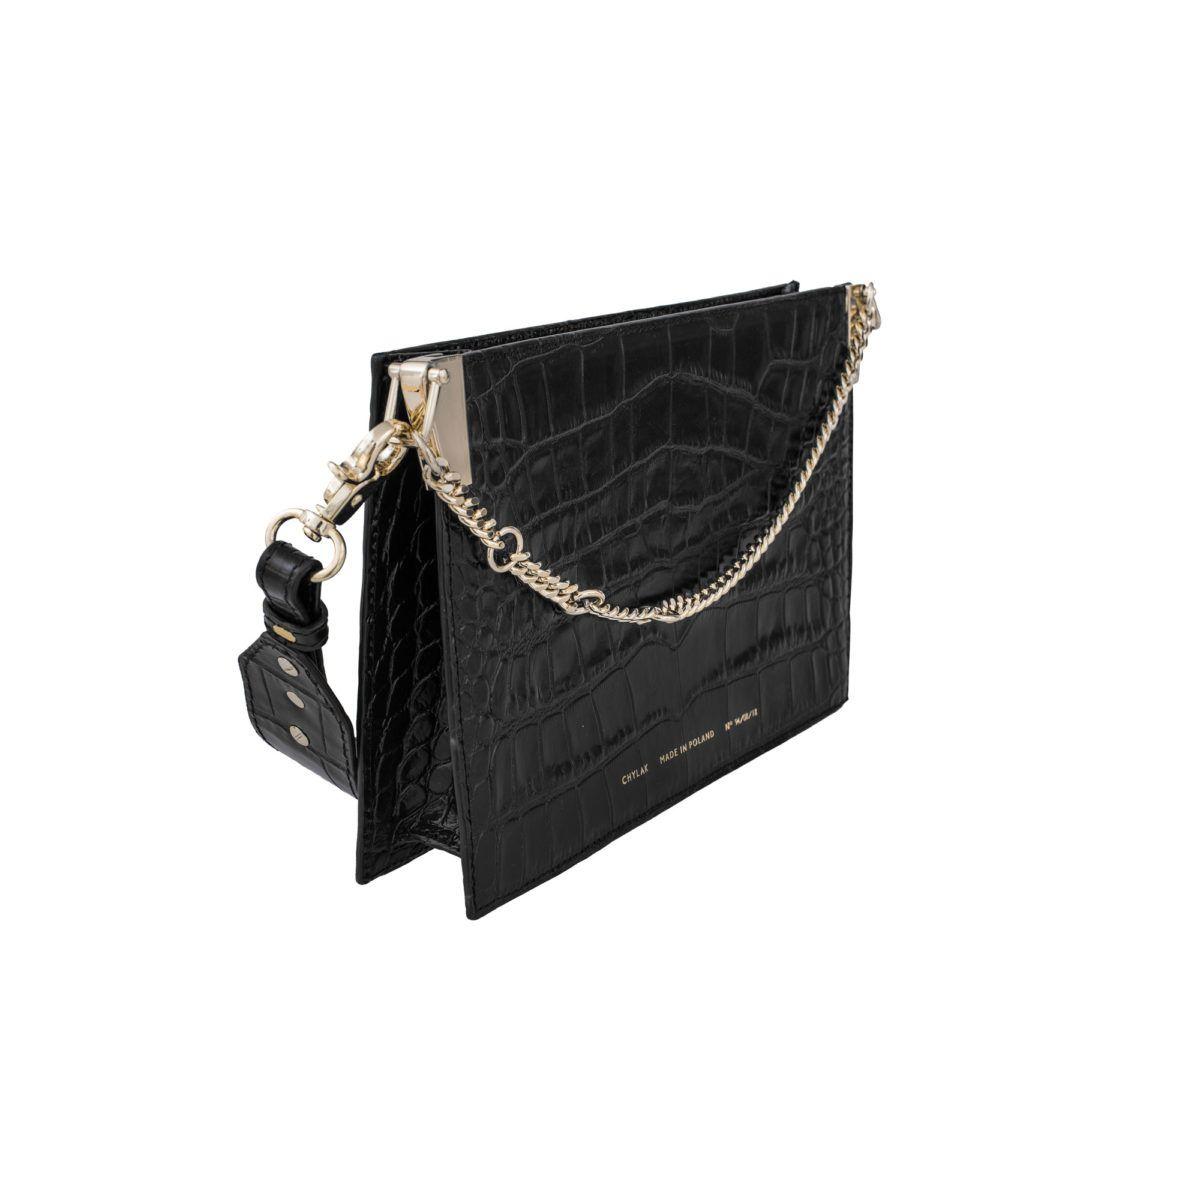 """e65f89339 2019的Chain Bag """"glossy black crocodile"""" - Chylak   Bags   Bags ..."""